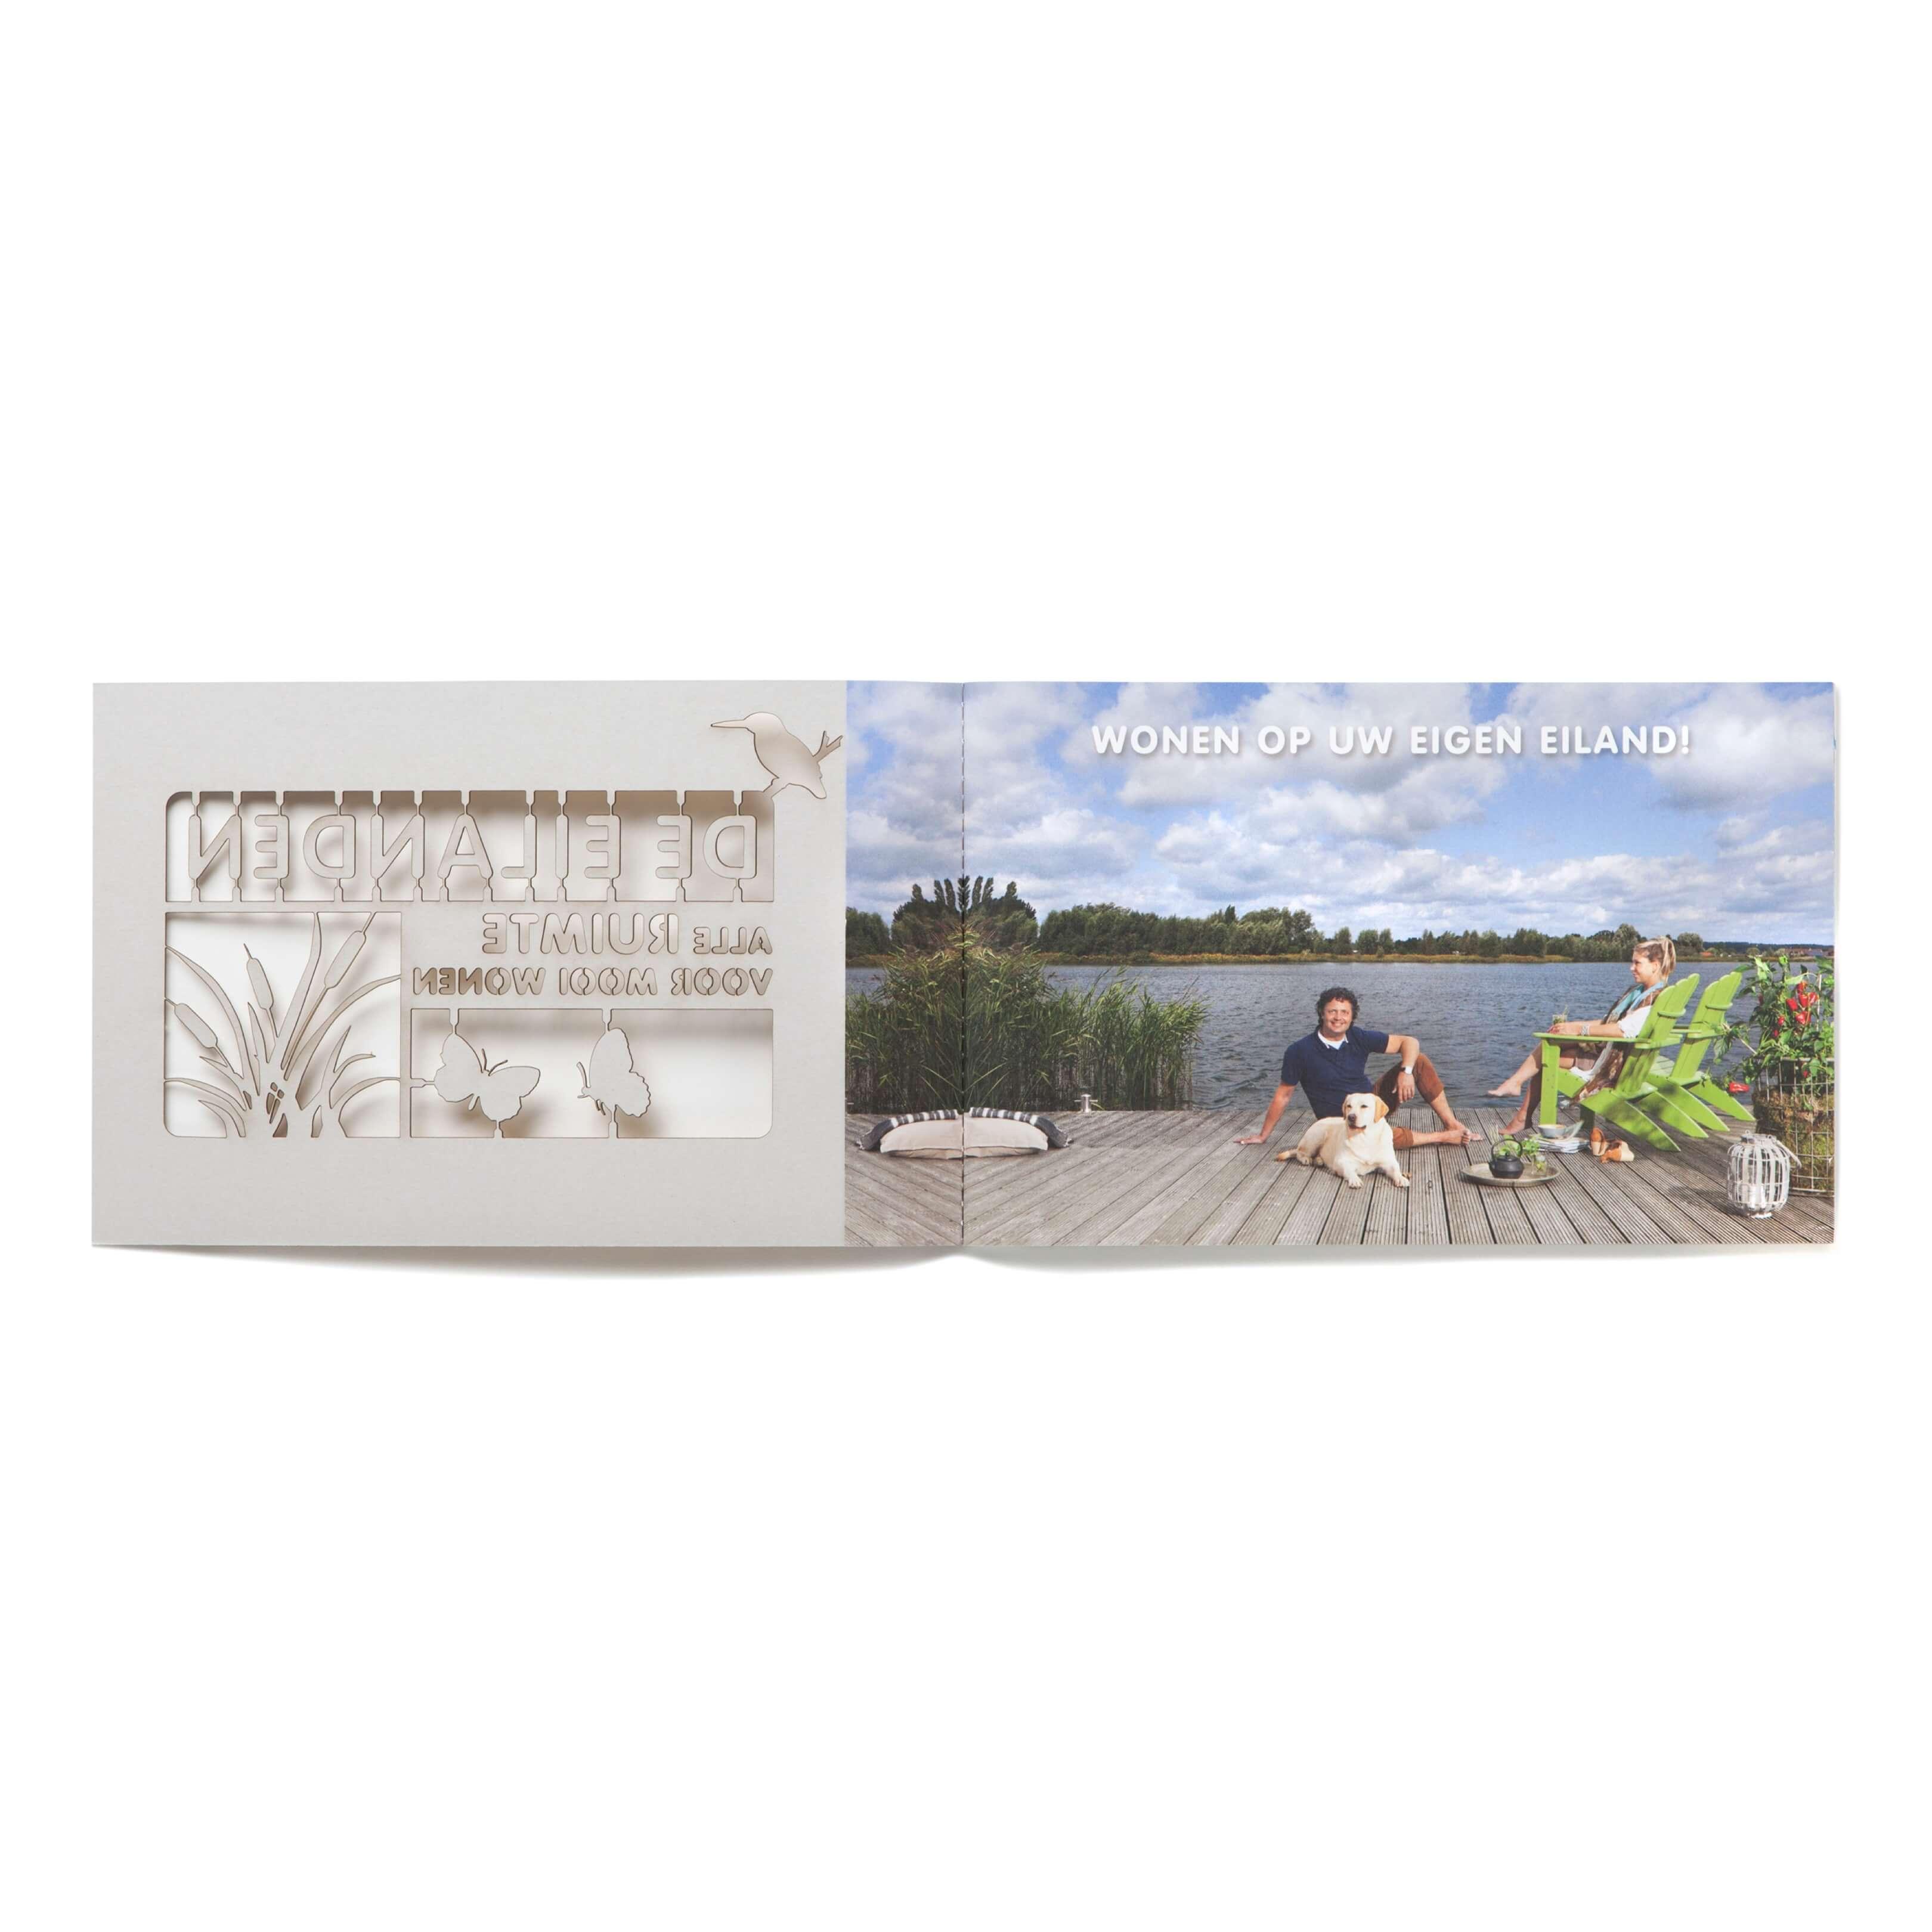 Jurjen Poeles Fotografie verkoopbrochure De Eilanden gemeente Arnhem Vastgoedplein vastgoed vastgoedproject lifestyle